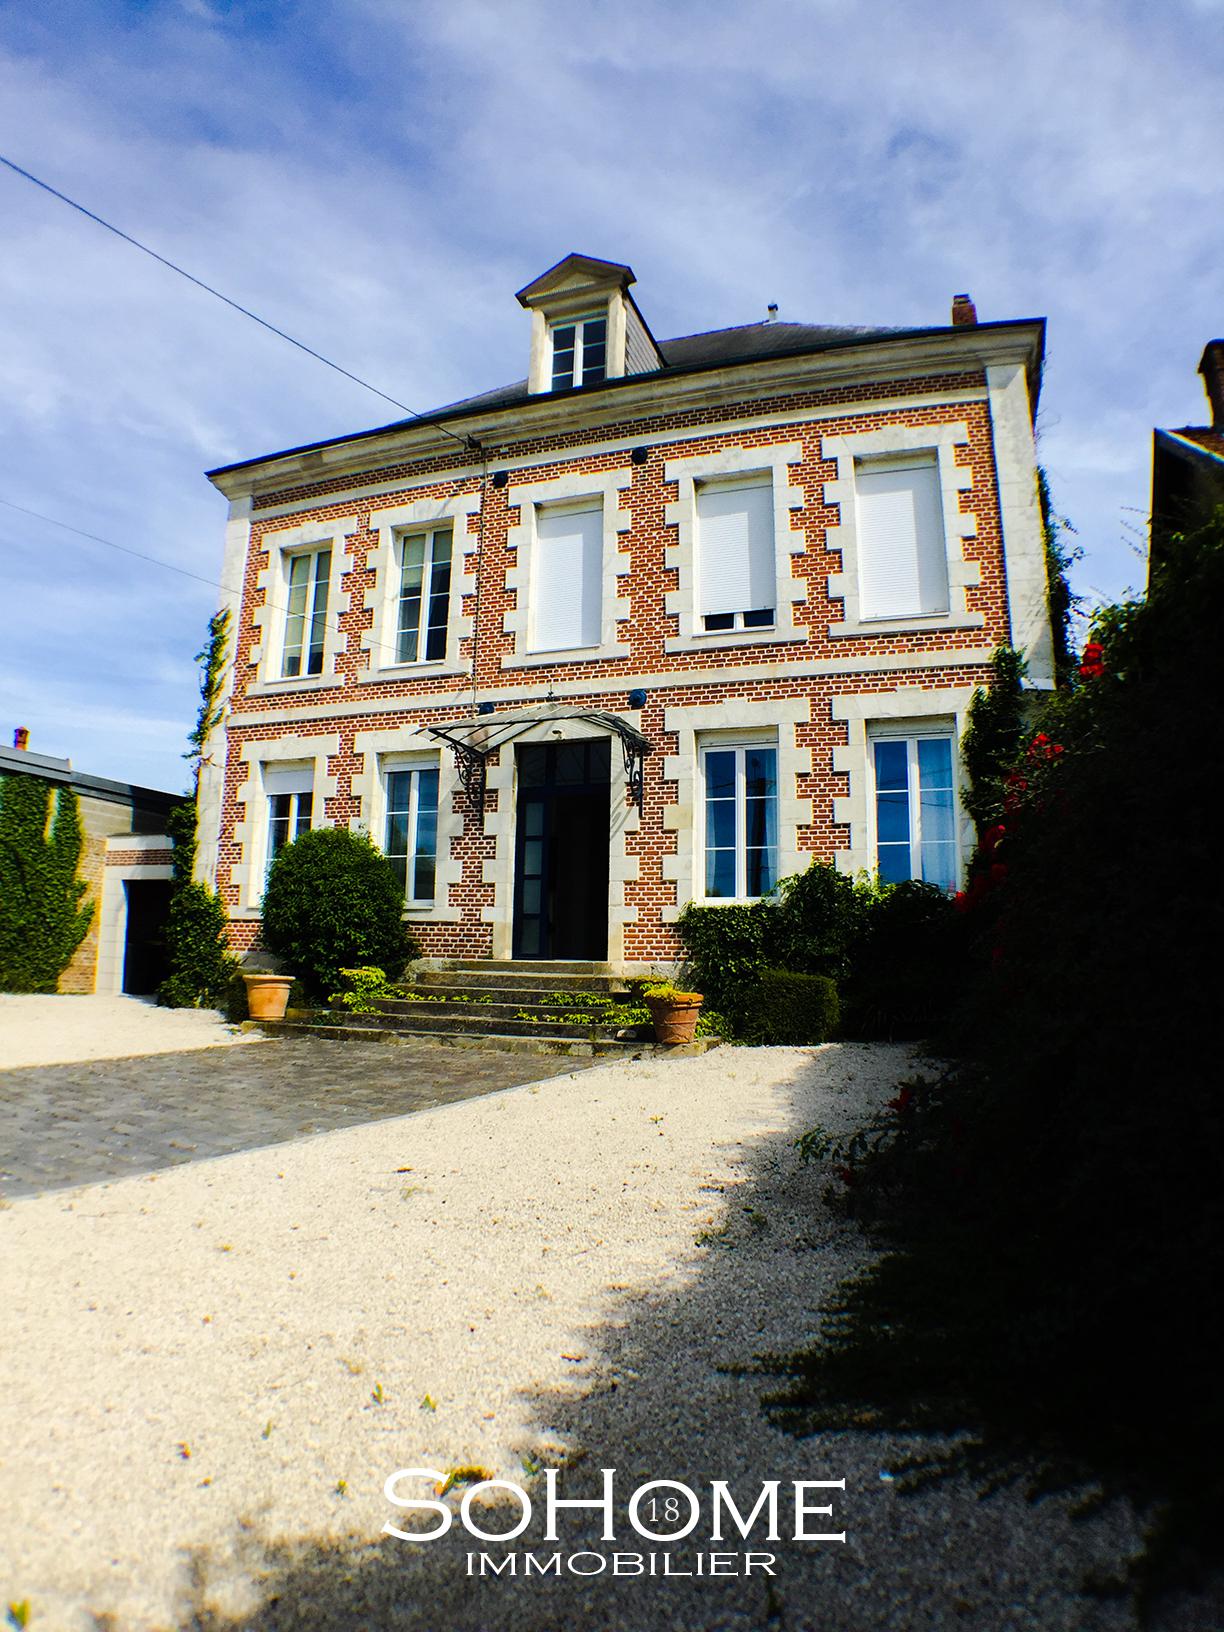 SoHomeImmobilier-FAMILIALE-maison-6.jpg